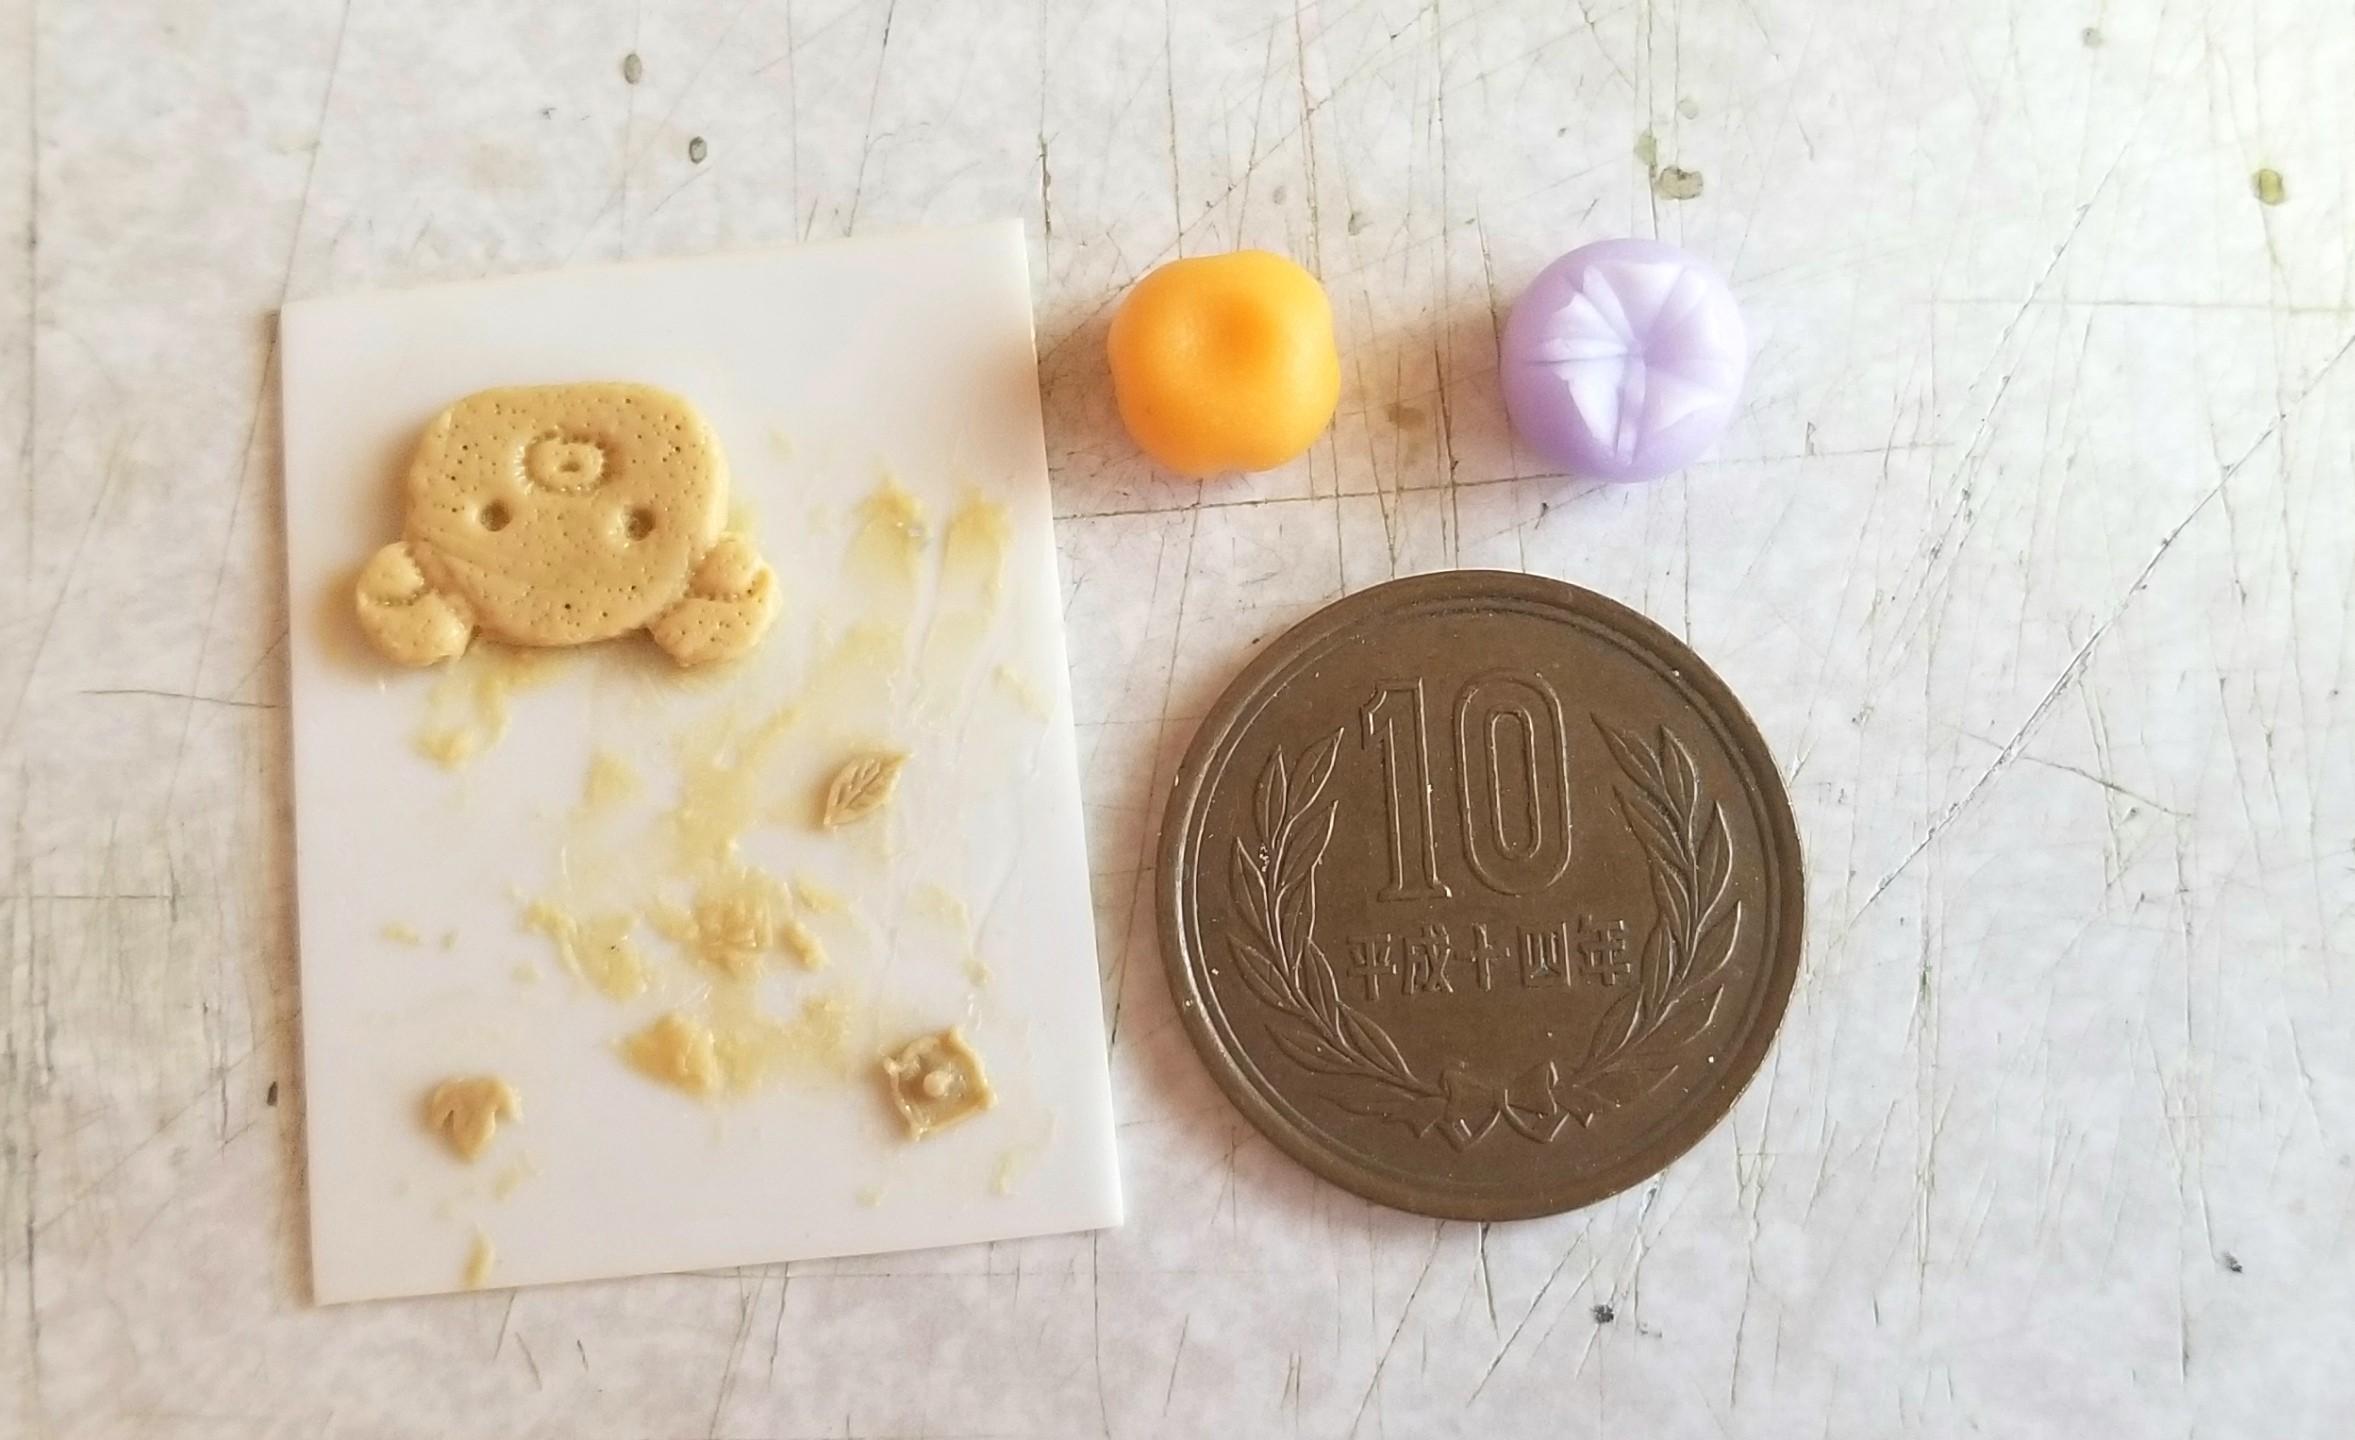 ミニチュア,エポキシパテ,原型,作り方,和菓子,樹脂粘土,ドールハウス